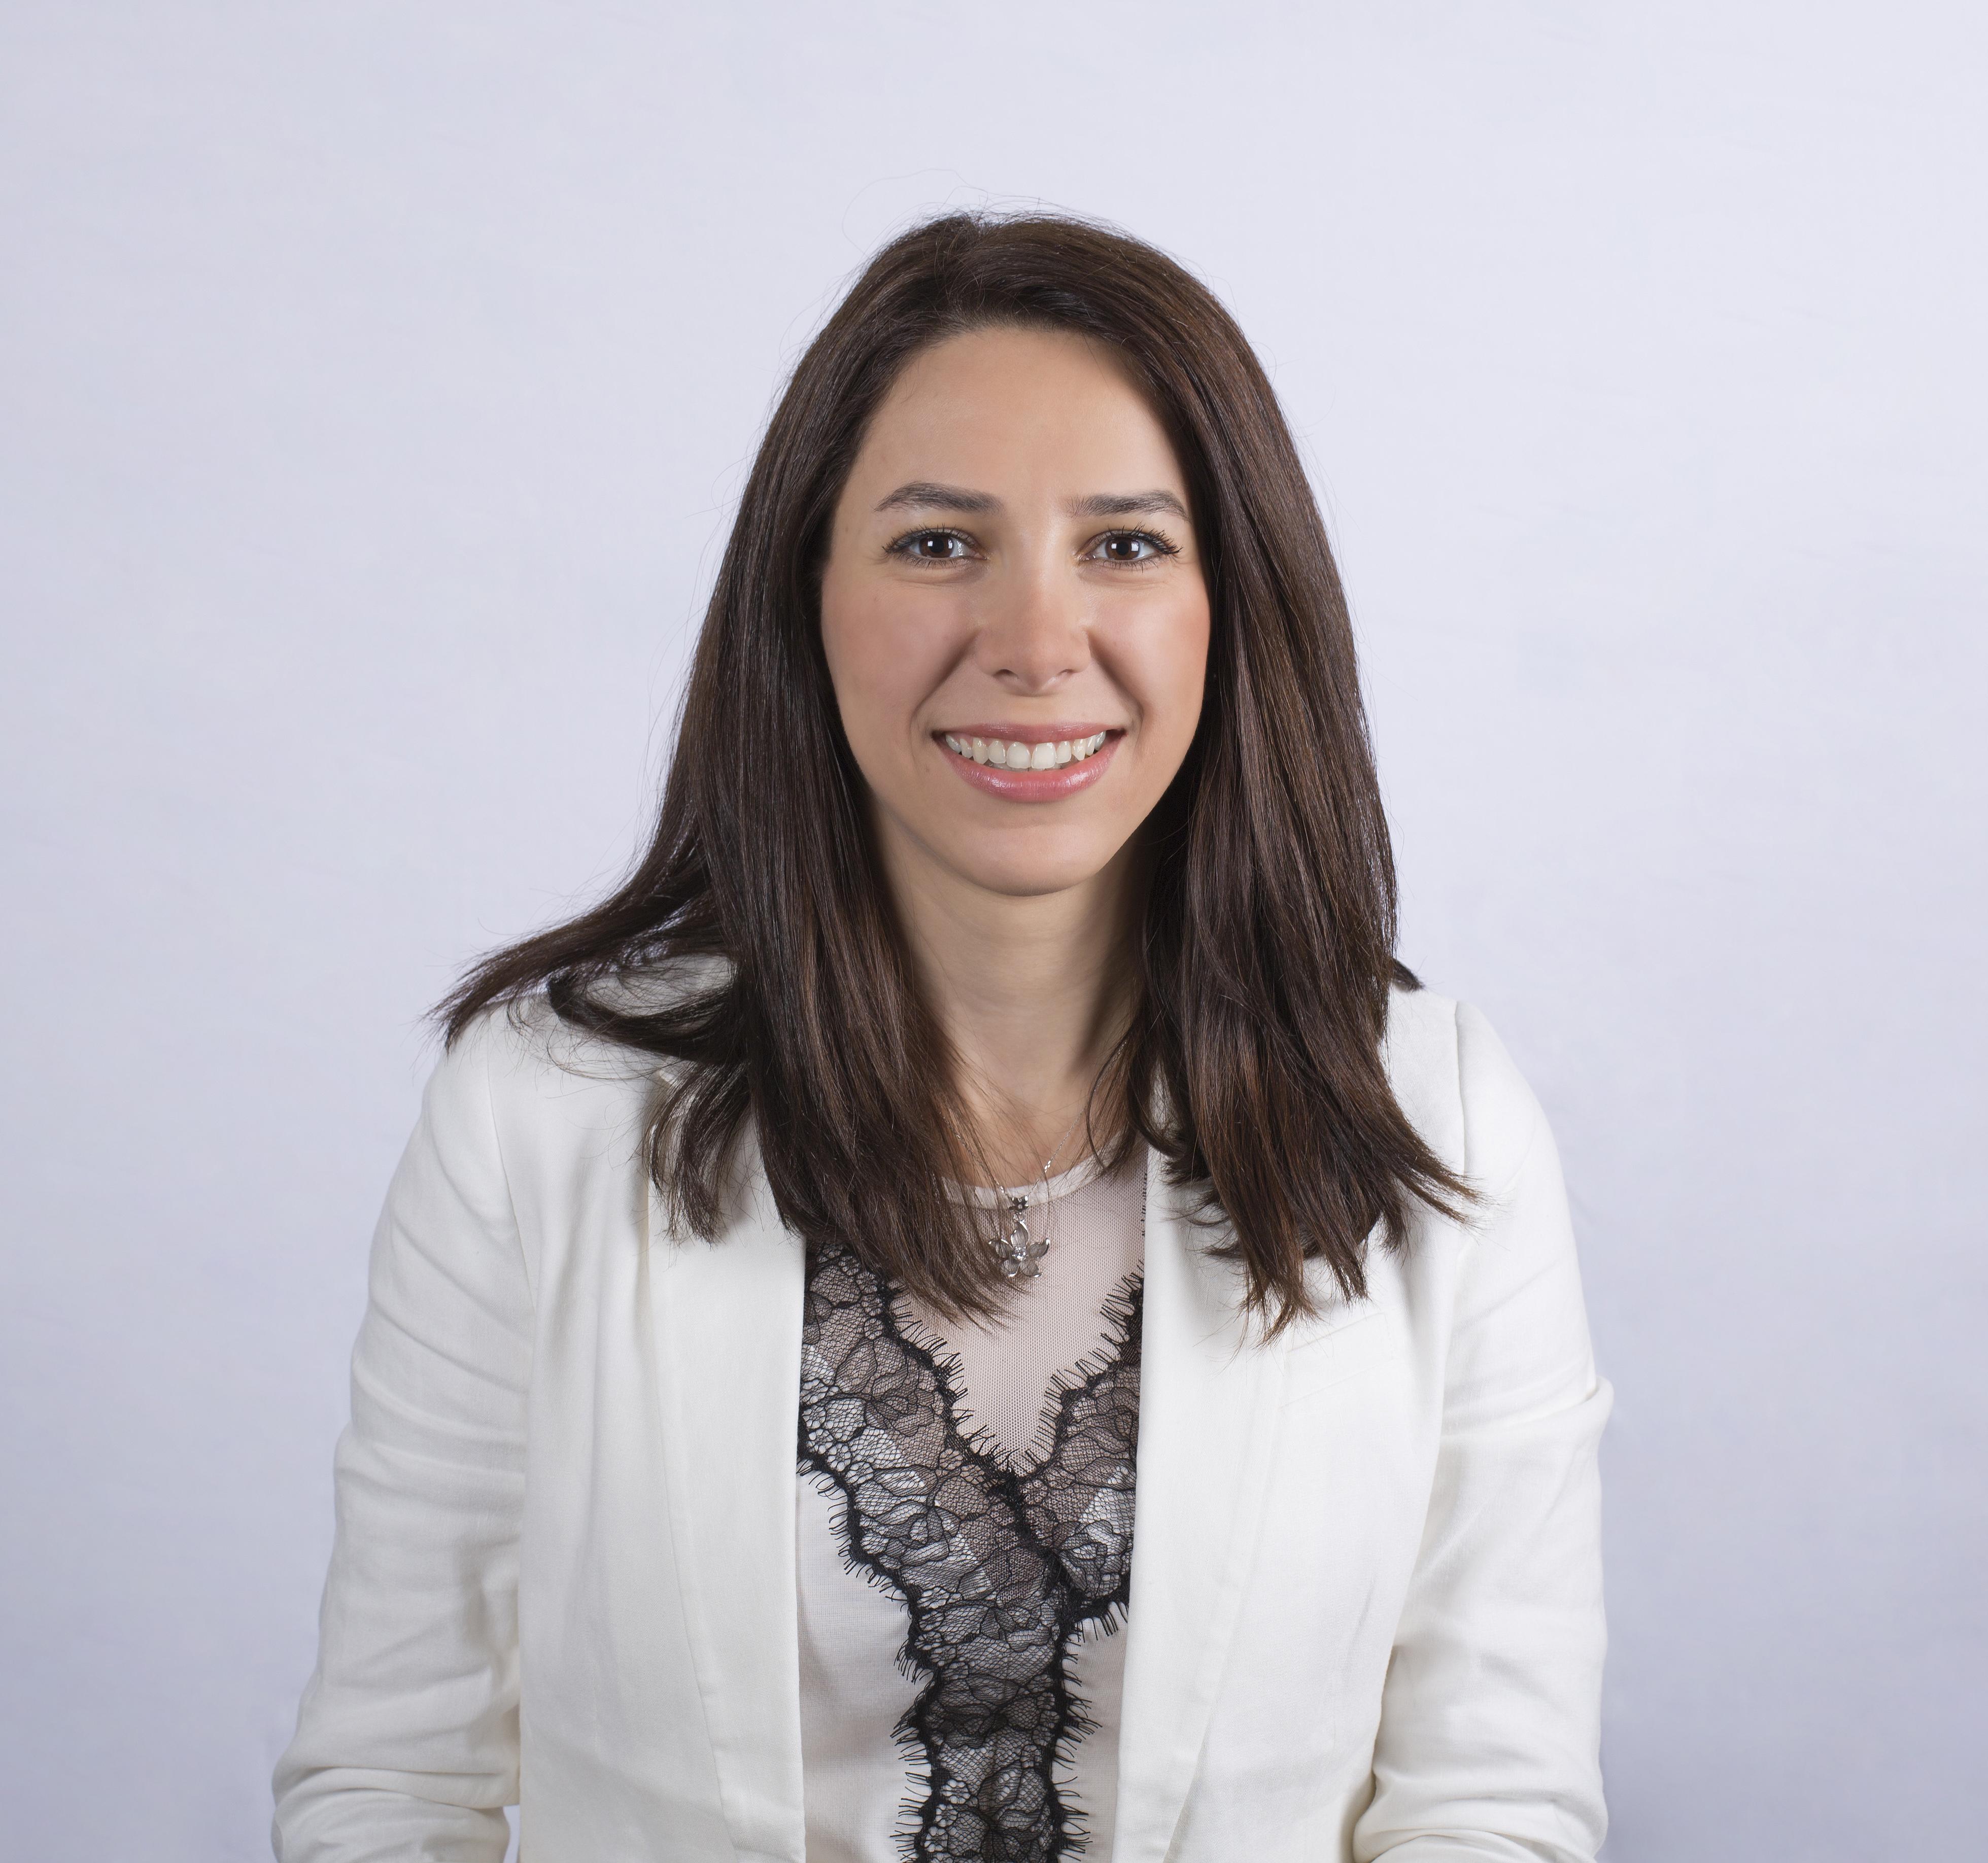 Mahsa Rouzbahman, P  - Calgary Artificial Intelligence Meetup